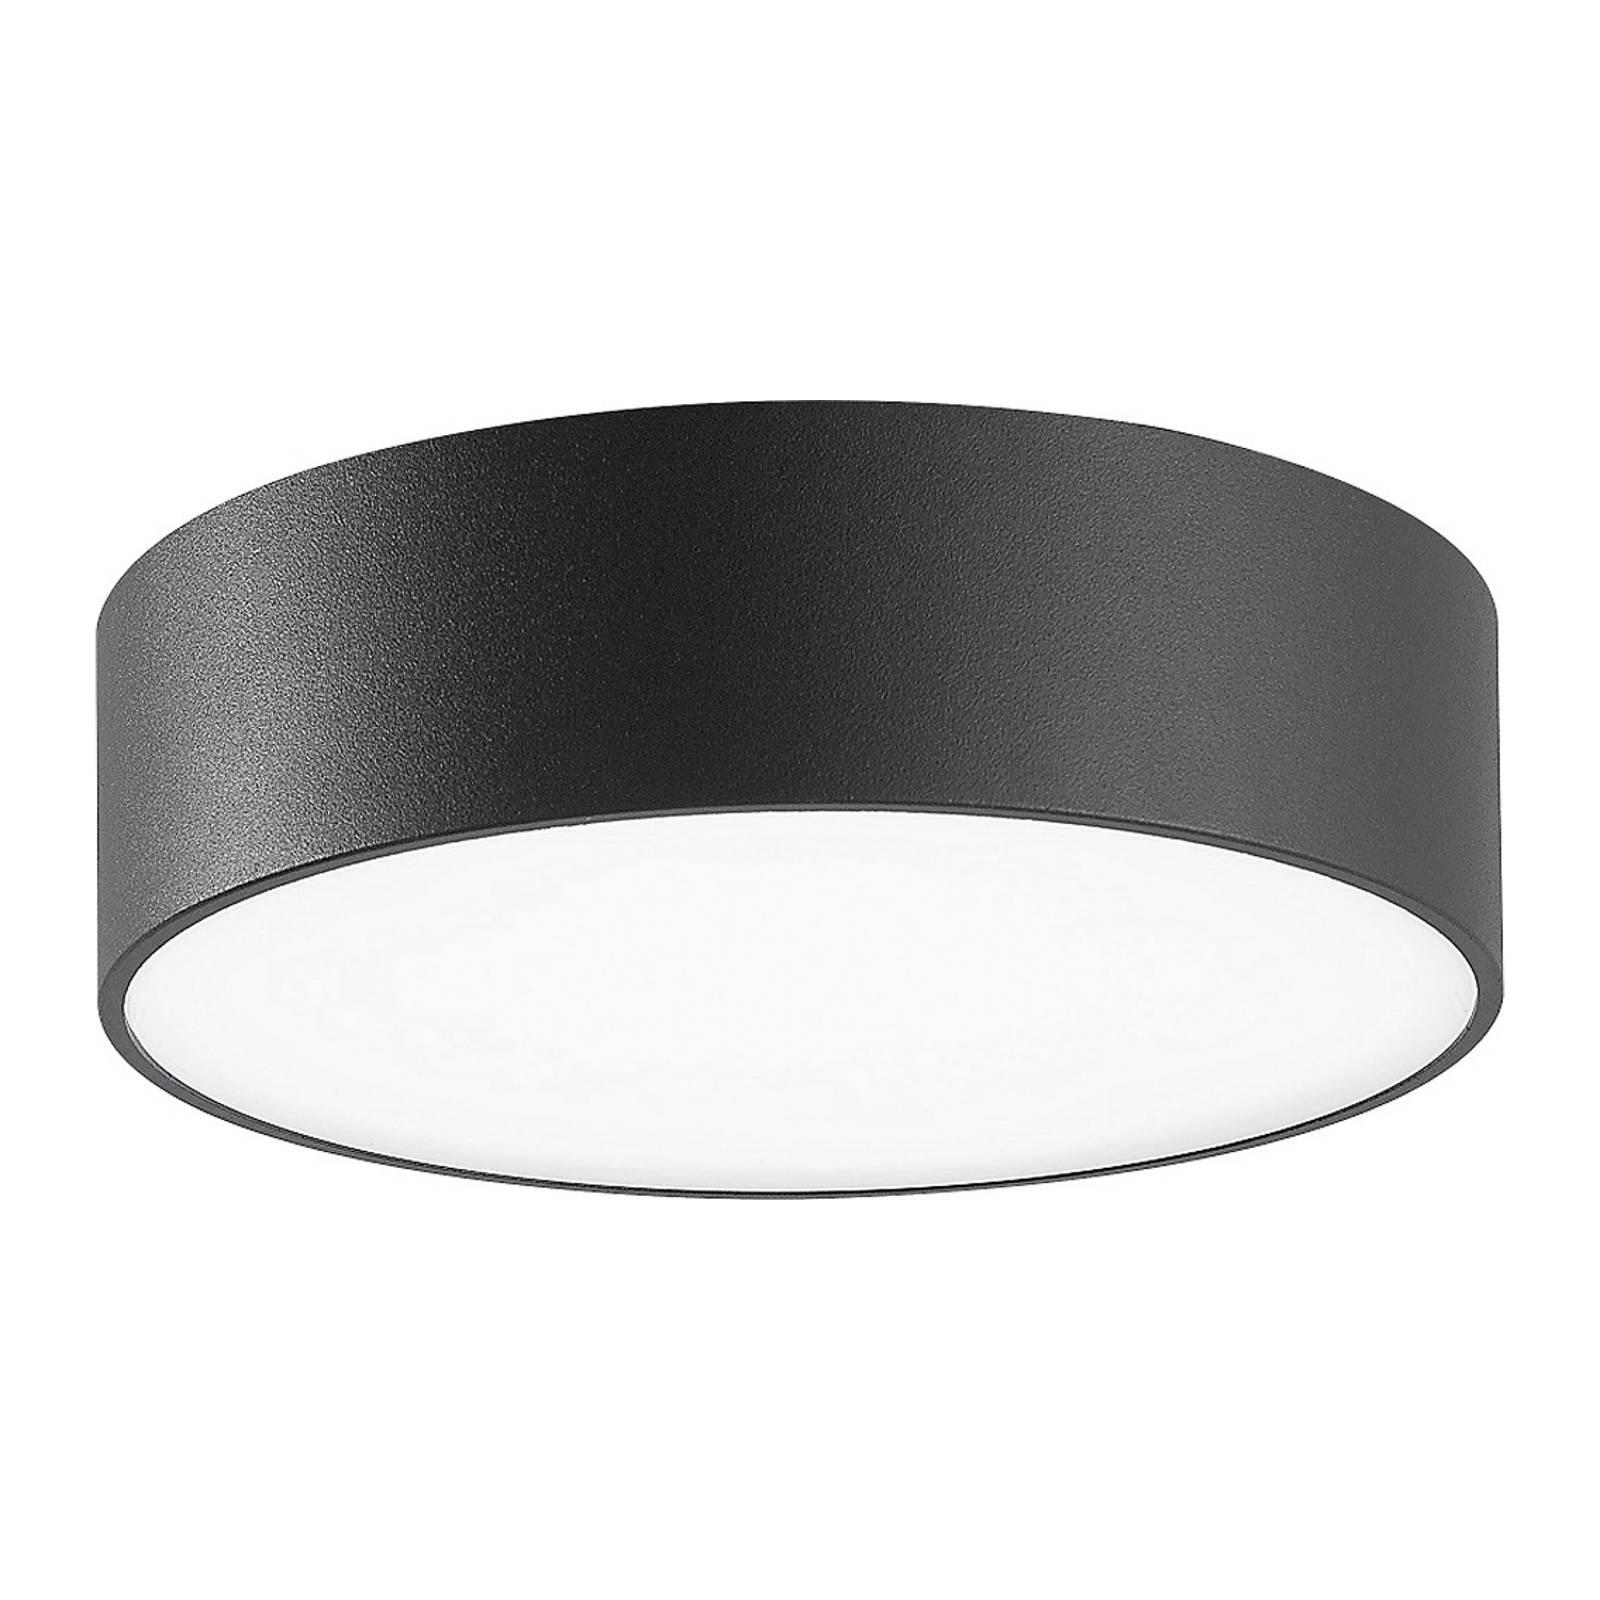 LED-Außenleuchte CMD 9026, Ø 25 cm